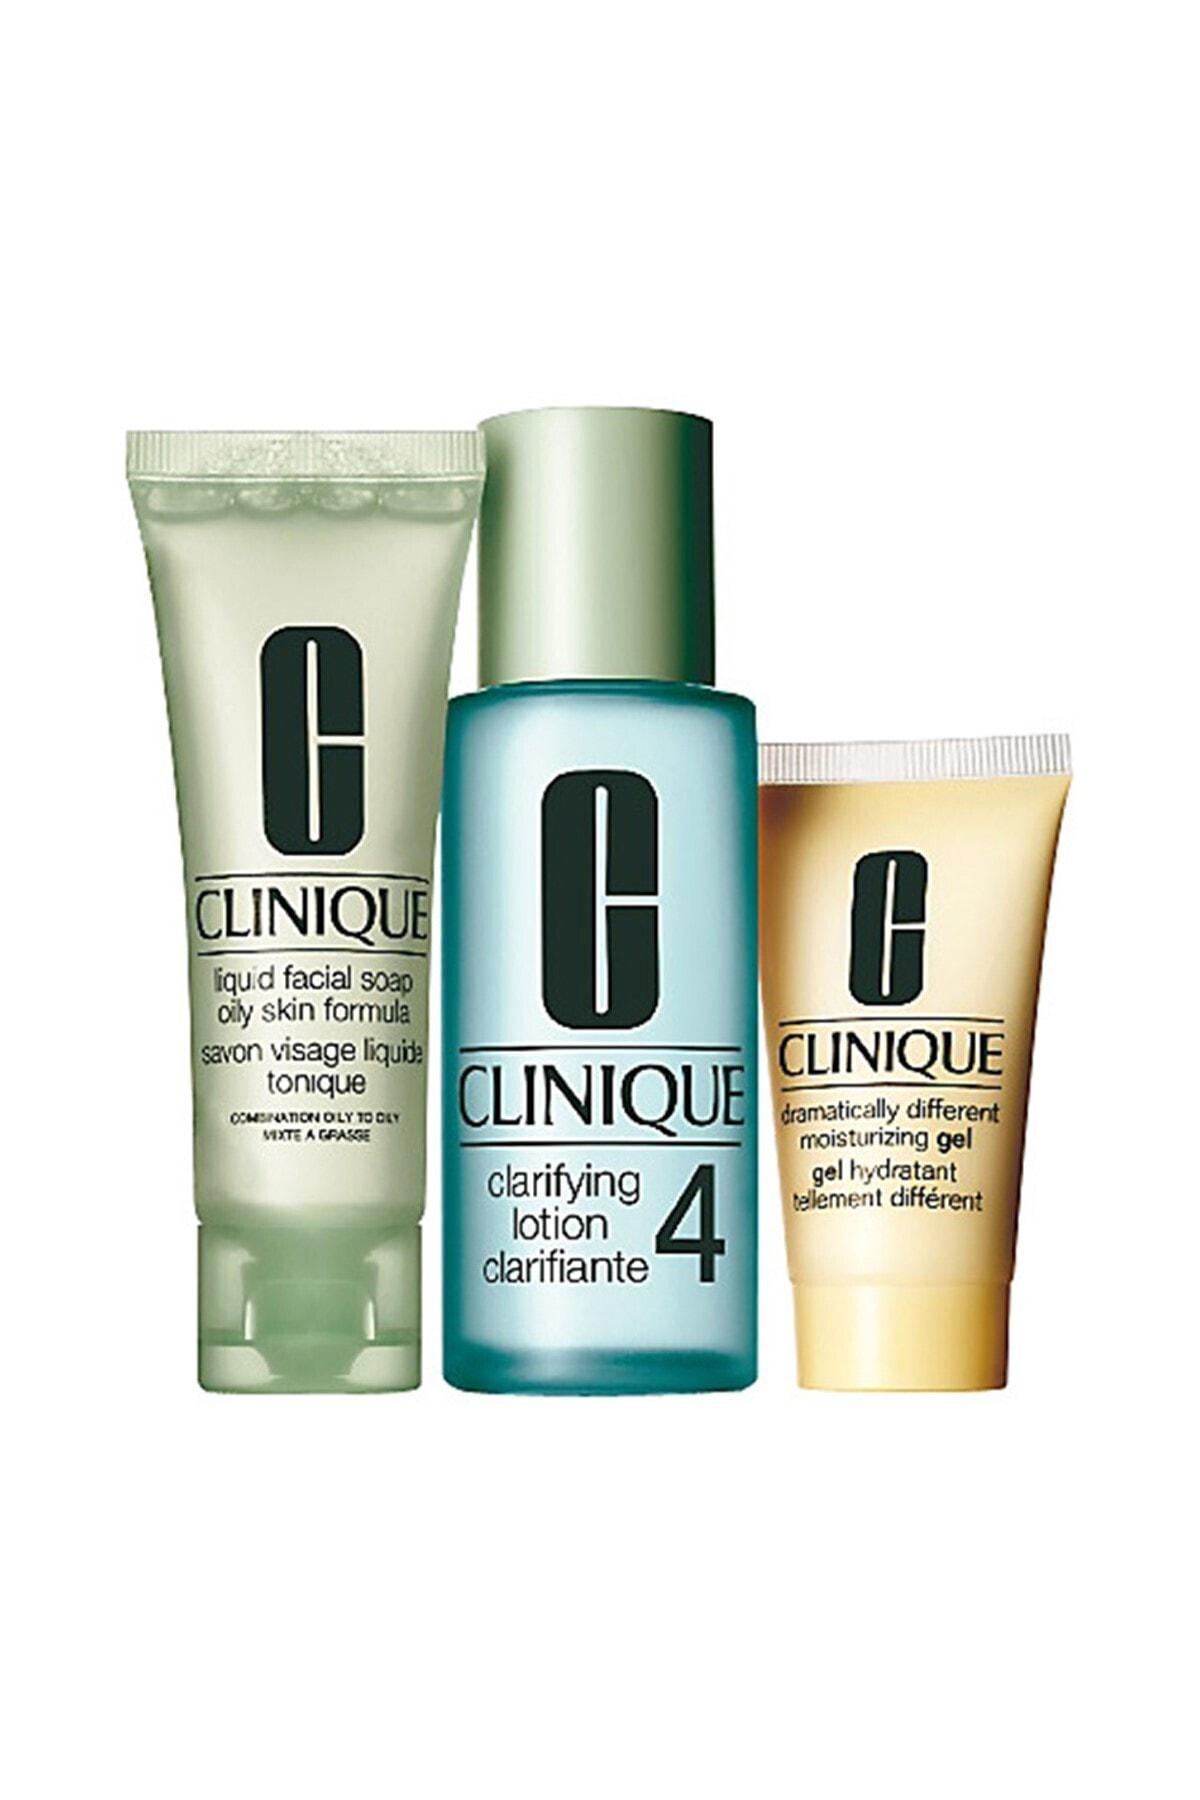 Clinique 3 Adımlı Cilt Bakım Seti - Cilt Tipi 4 Intro Kit Çok Yağlı Ciltler 020714464080 1